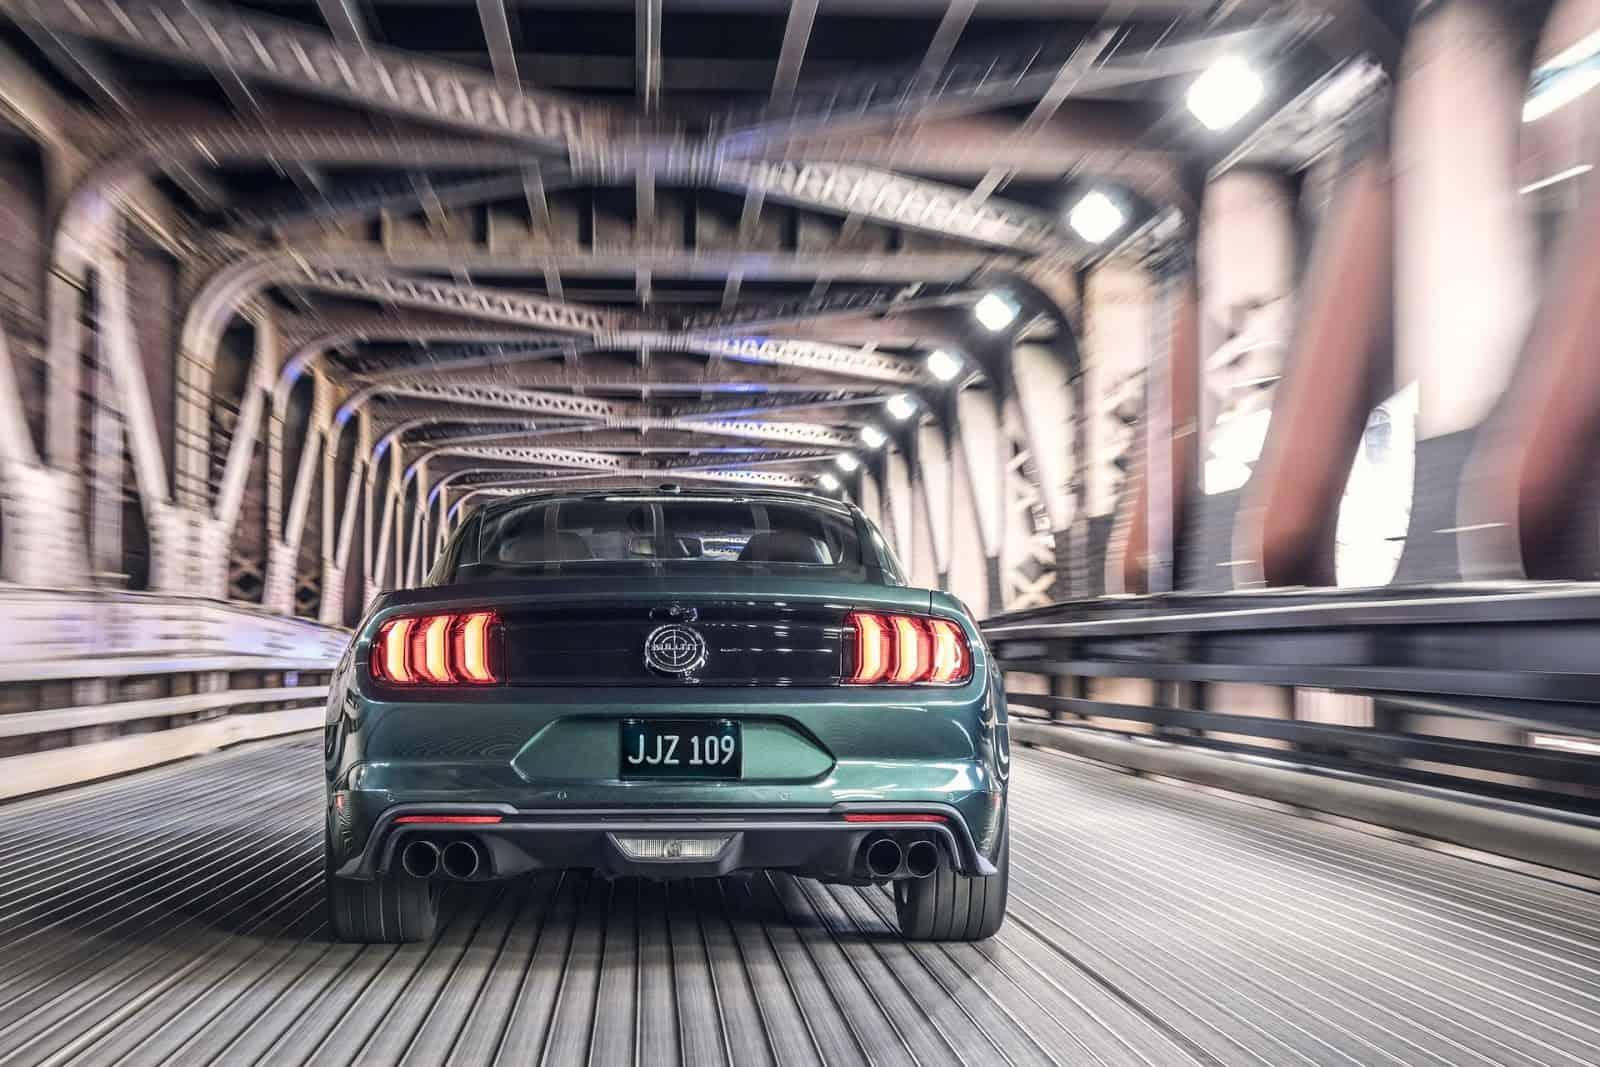 2019 Ford Mustang Bullit 7